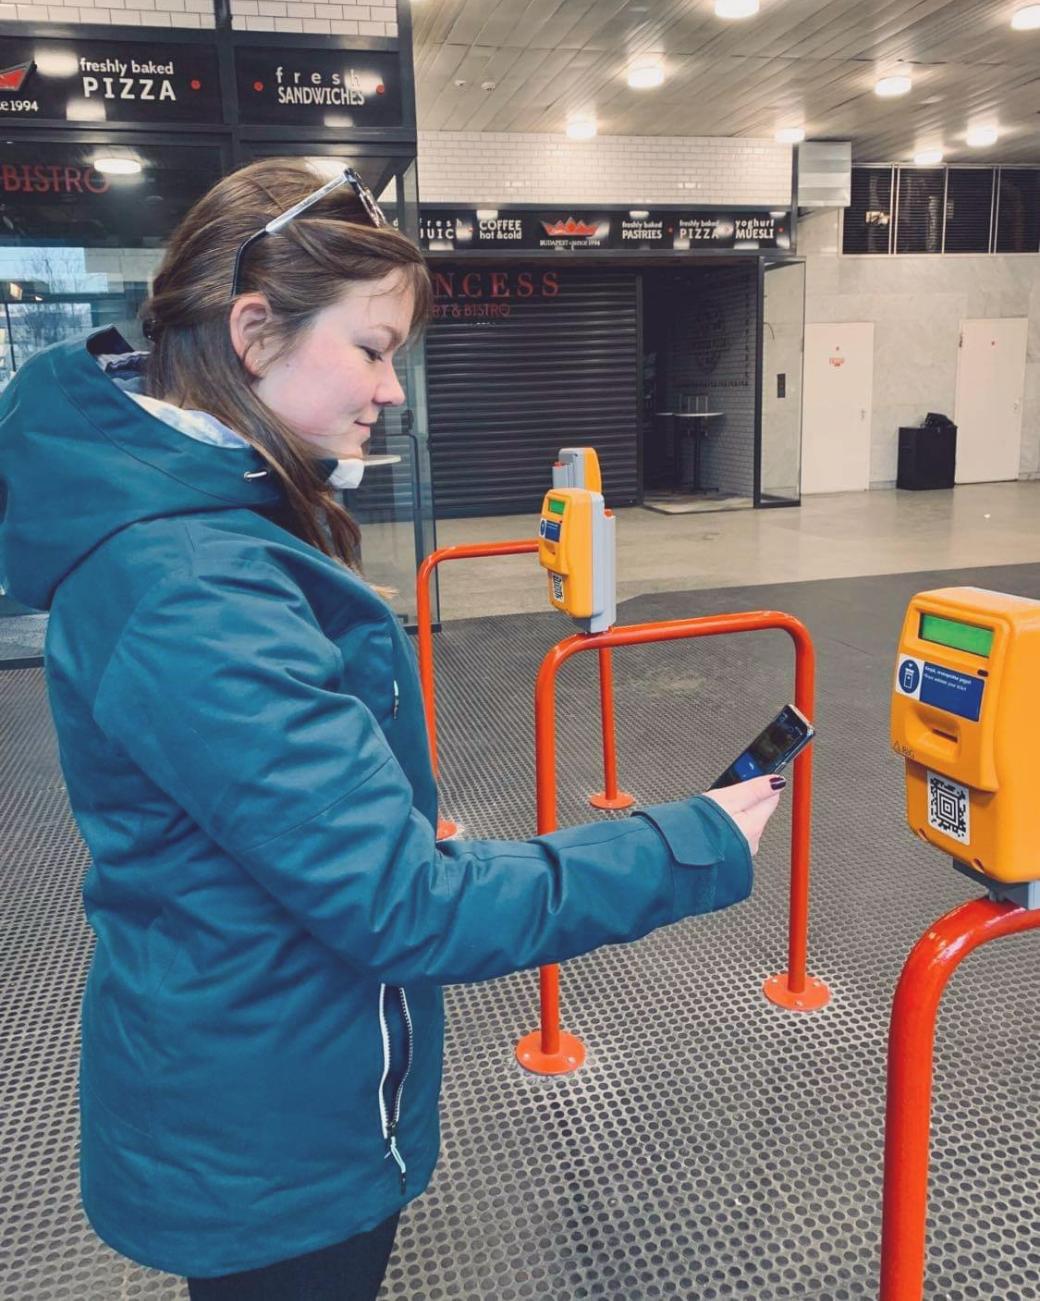 Zo gebruik je Mobiljegy; mobiele OV-kaart in Boedapest, foto van het scannen van de QR-code